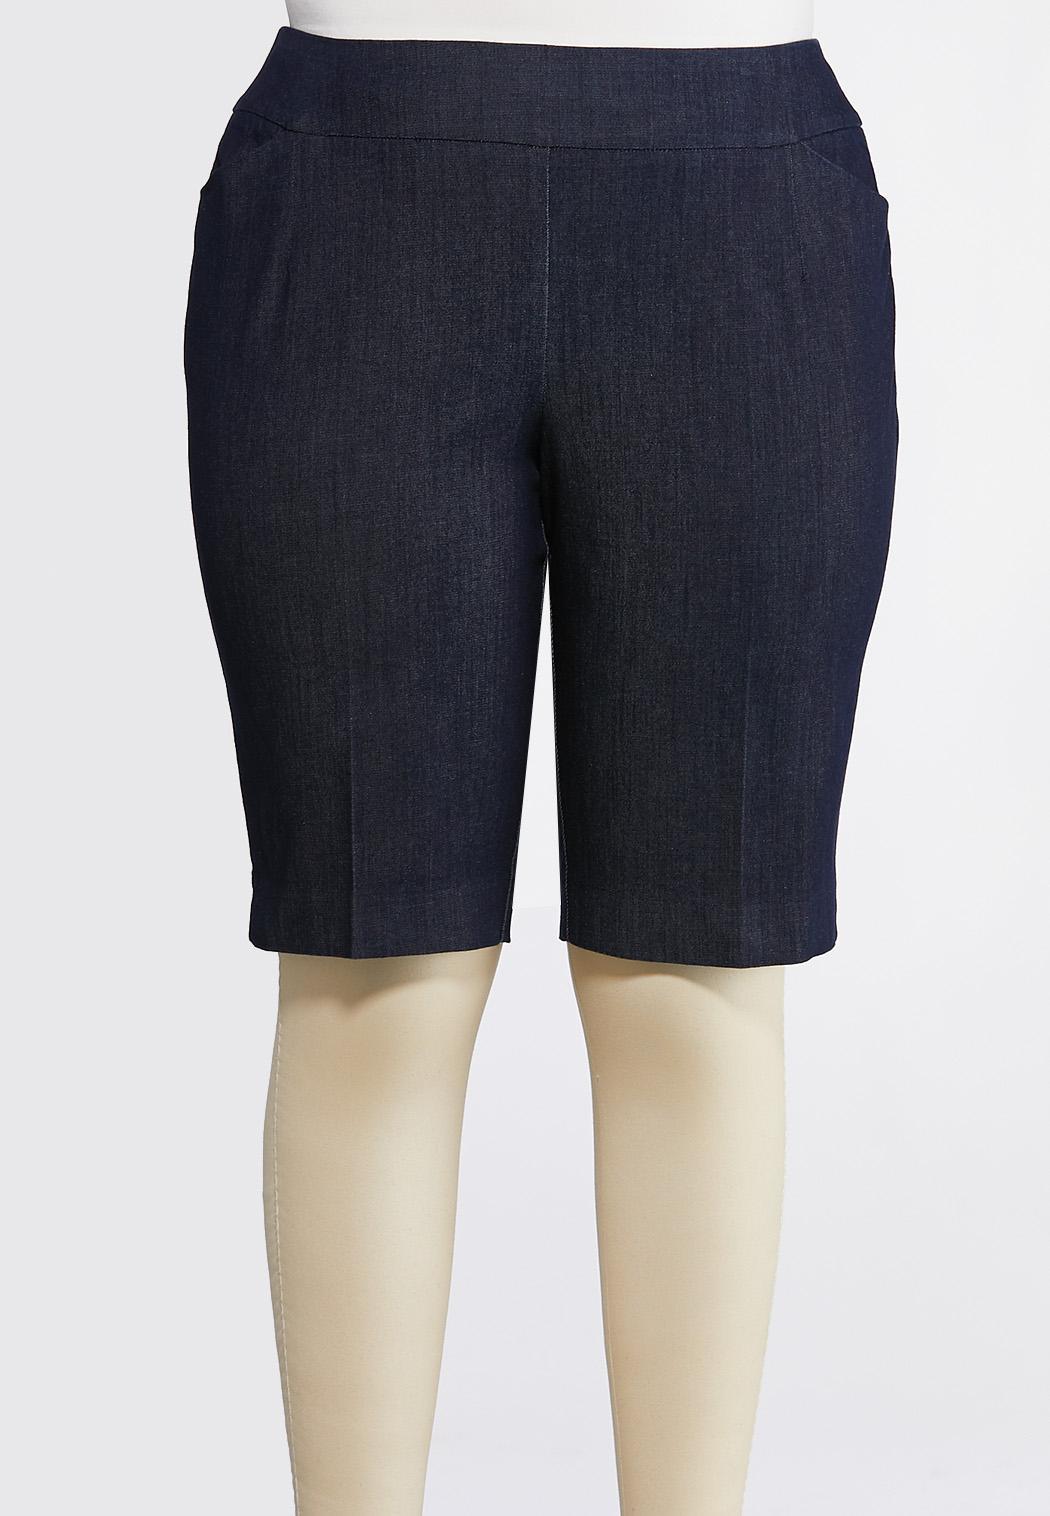 d05a3c9efd493 Women s Plus Size Shorts